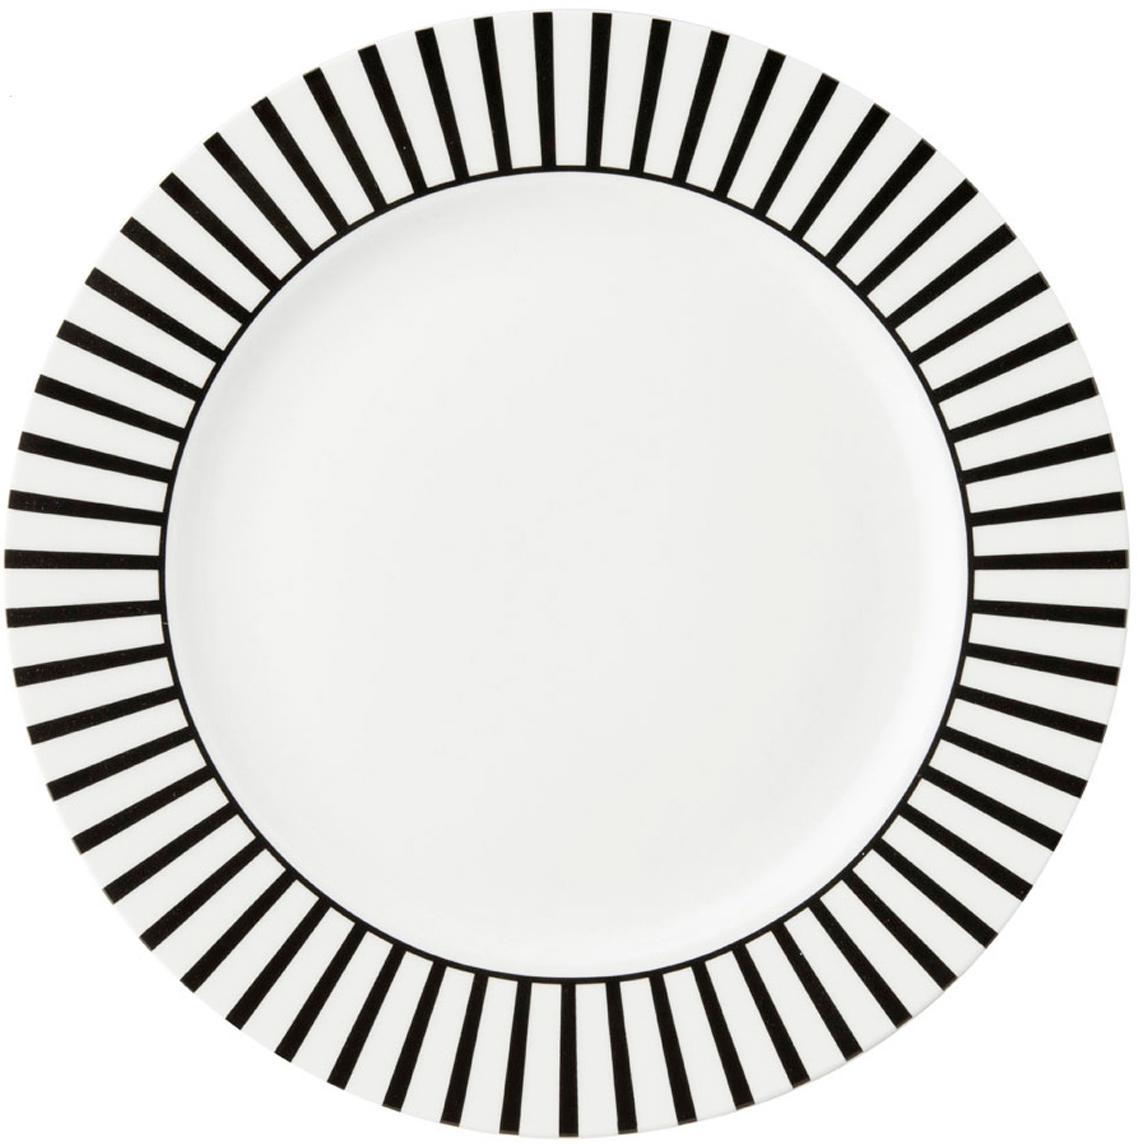 Piattino da dessert con decoro a righe Ceres Loft 4 pz, Porcellana, Bianco, nero, Ø 21 x Alt. 2 cm